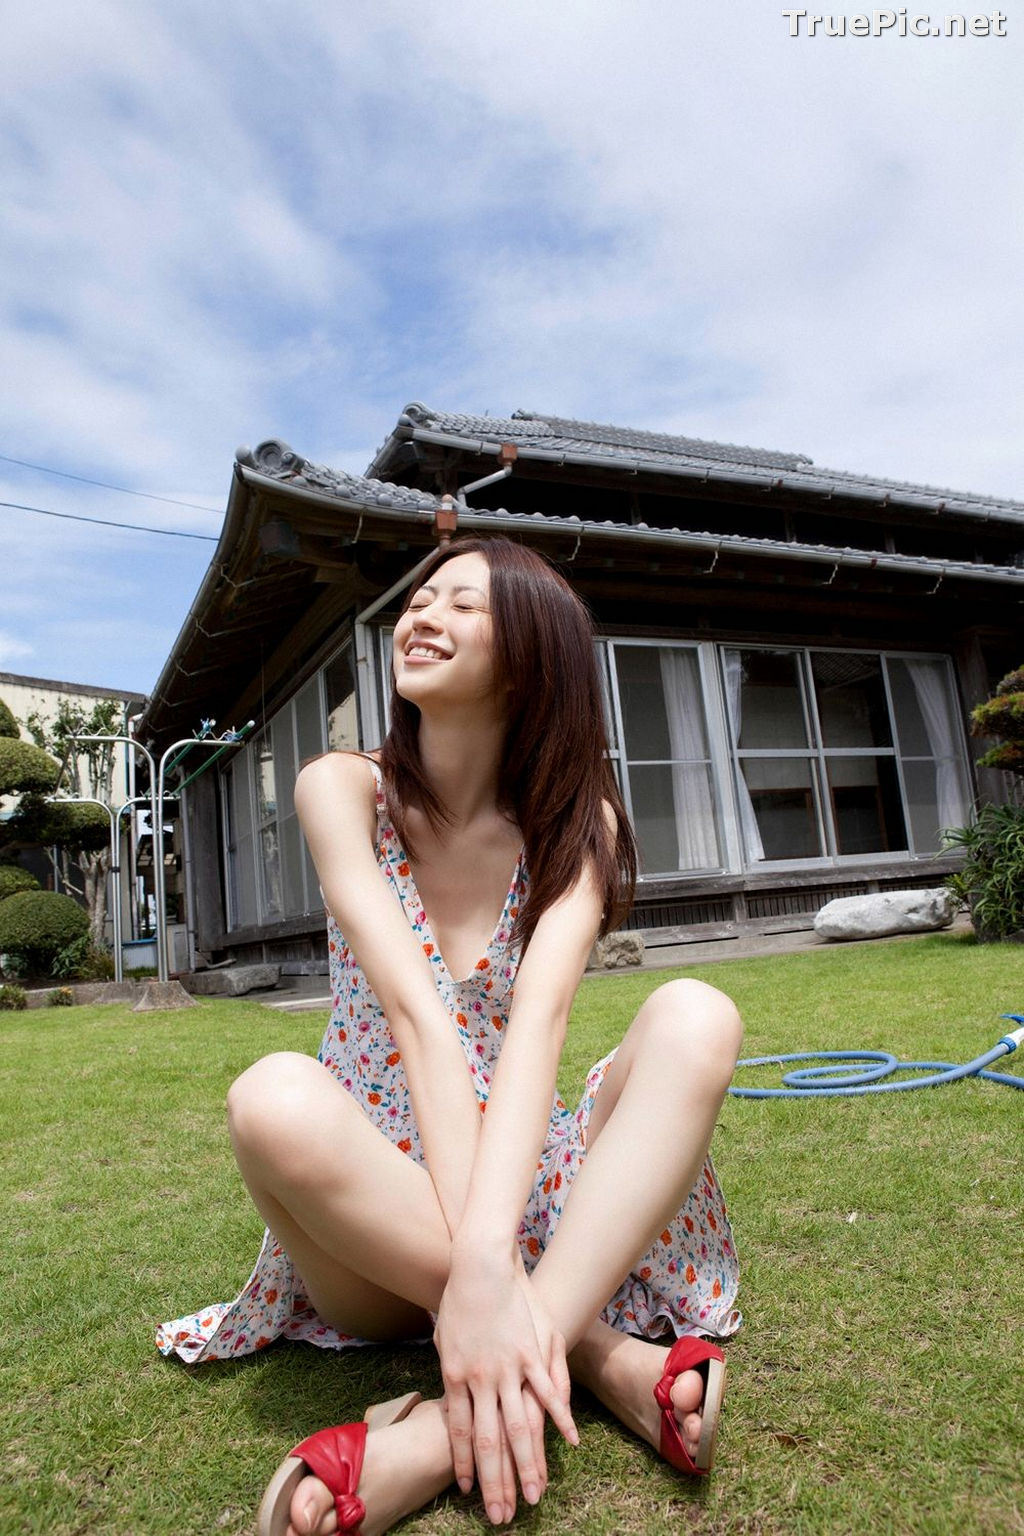 Image YS Web Vol.497 - Japanese Actress and Gravure Idol - Rina Aizawa - TruePic.net - Picture-2